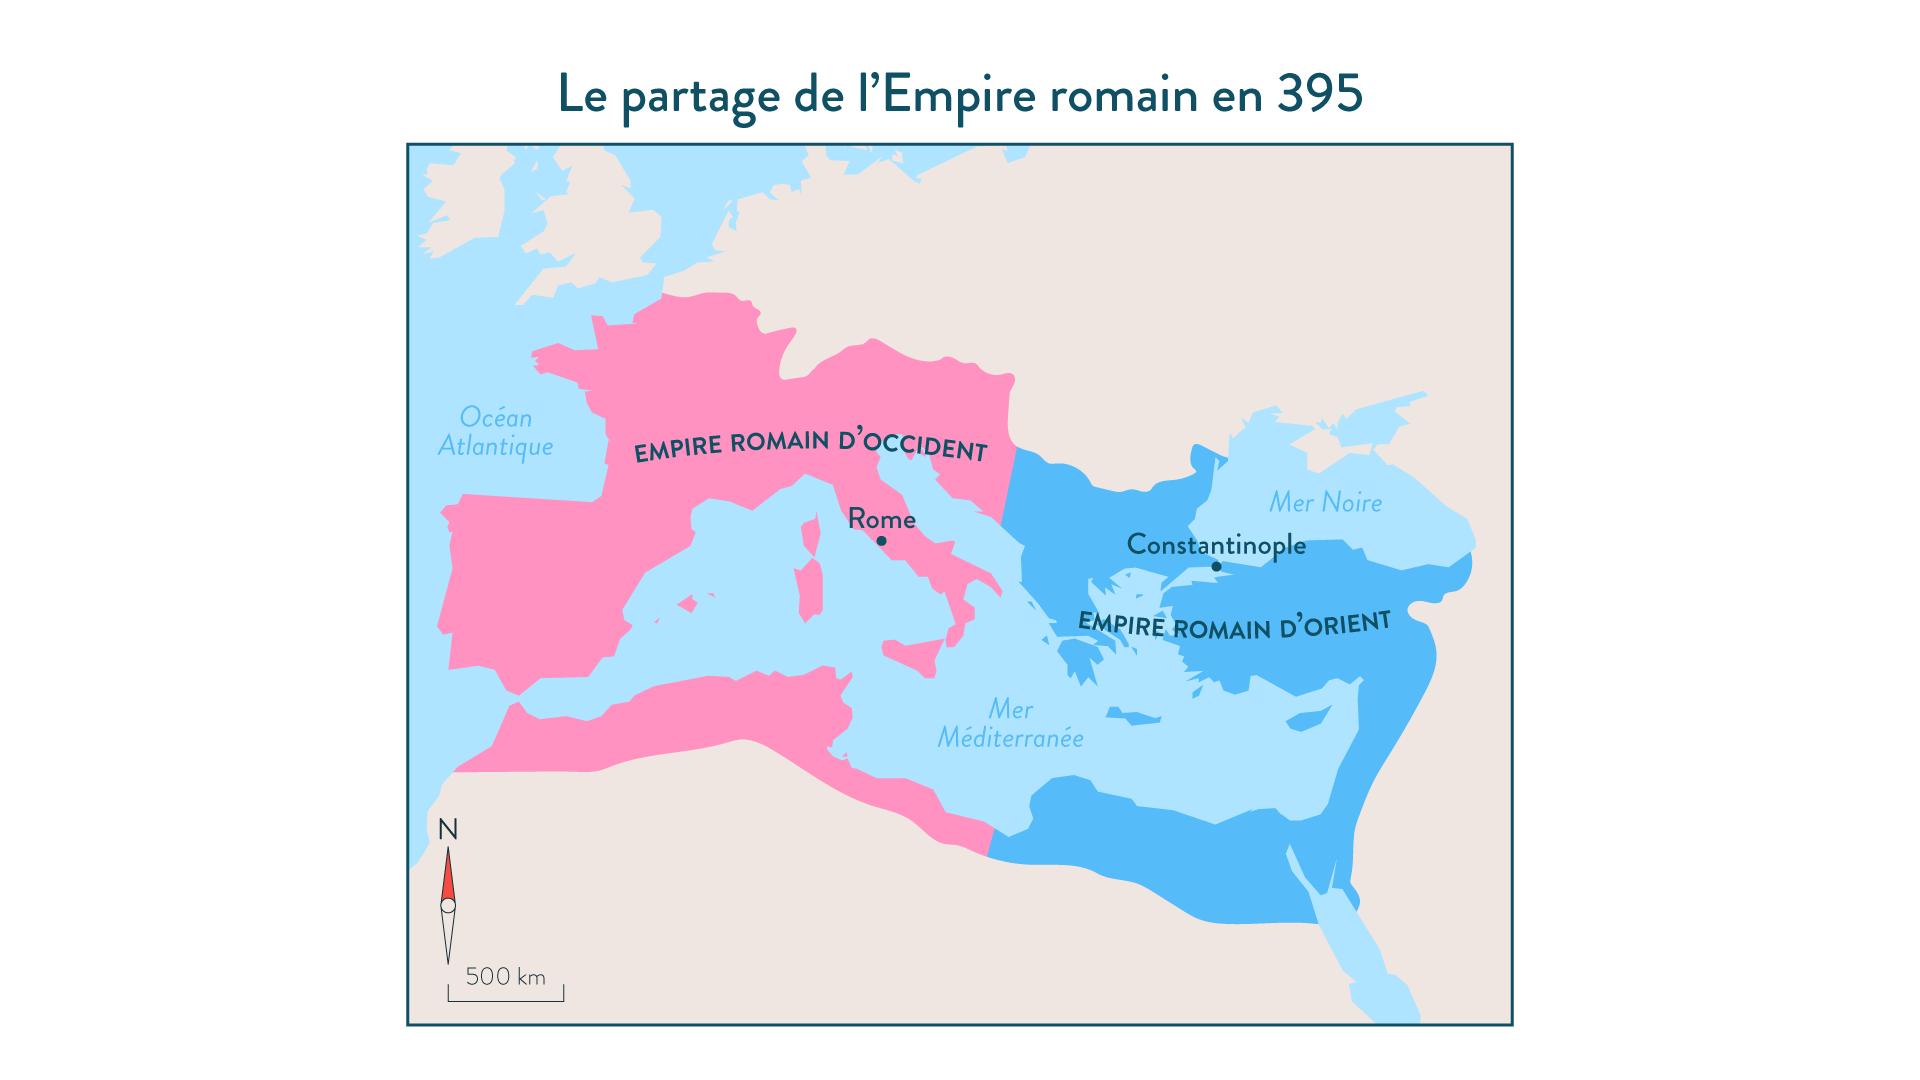 Le partage de l'Empire romain en395-5e-Histoire